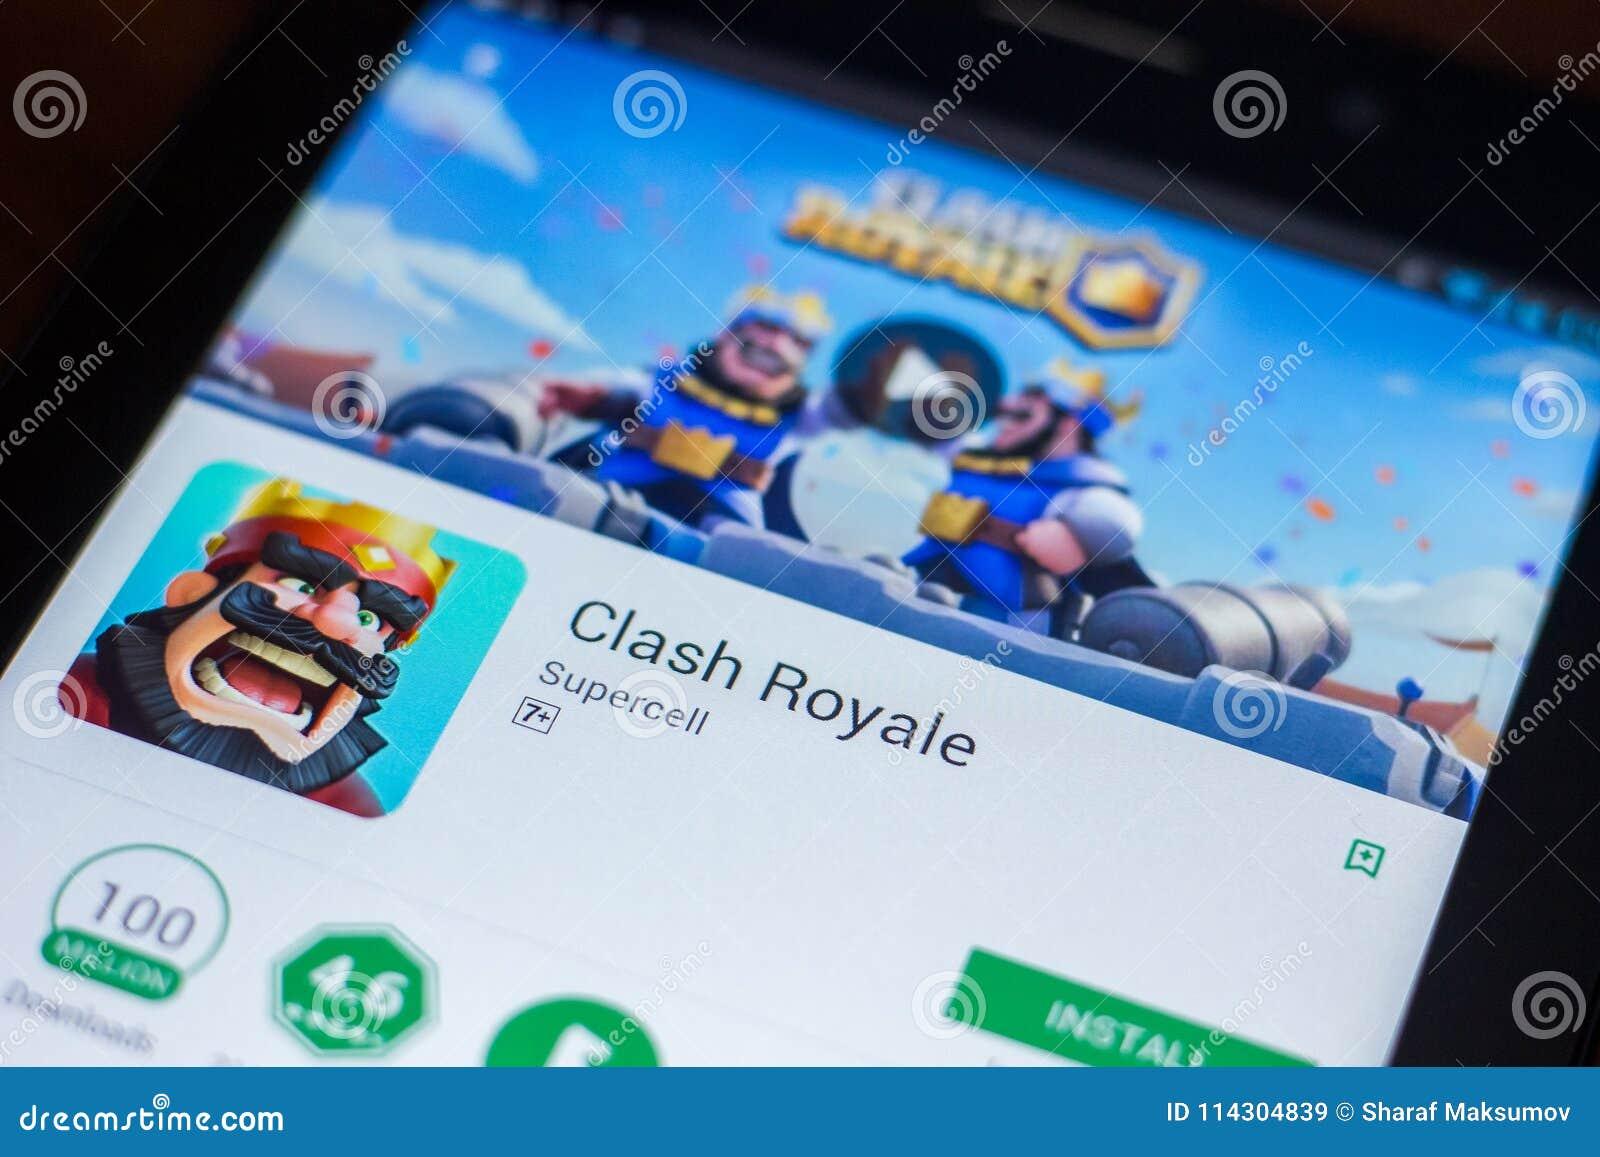 clash royale download pc 2018